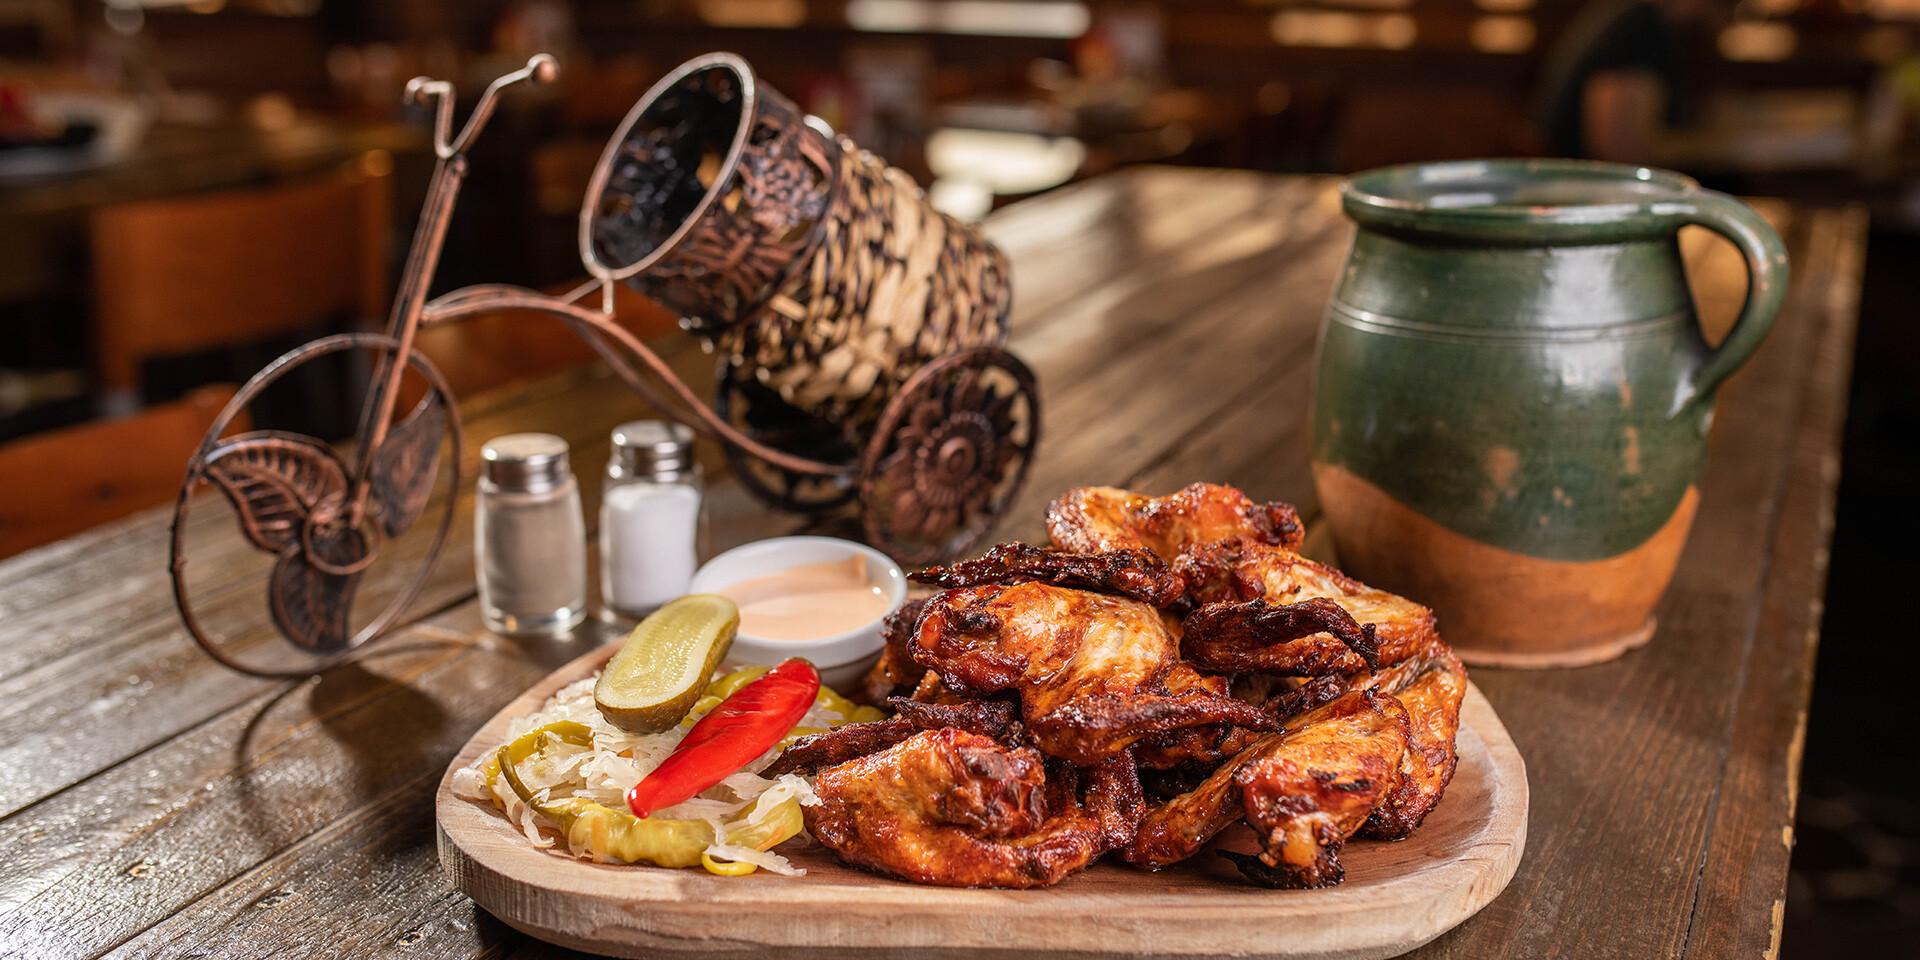 Marinované grilované krídelká s chilli-smotanovým dresingom a prílohou v bratislavskom Mamut pube